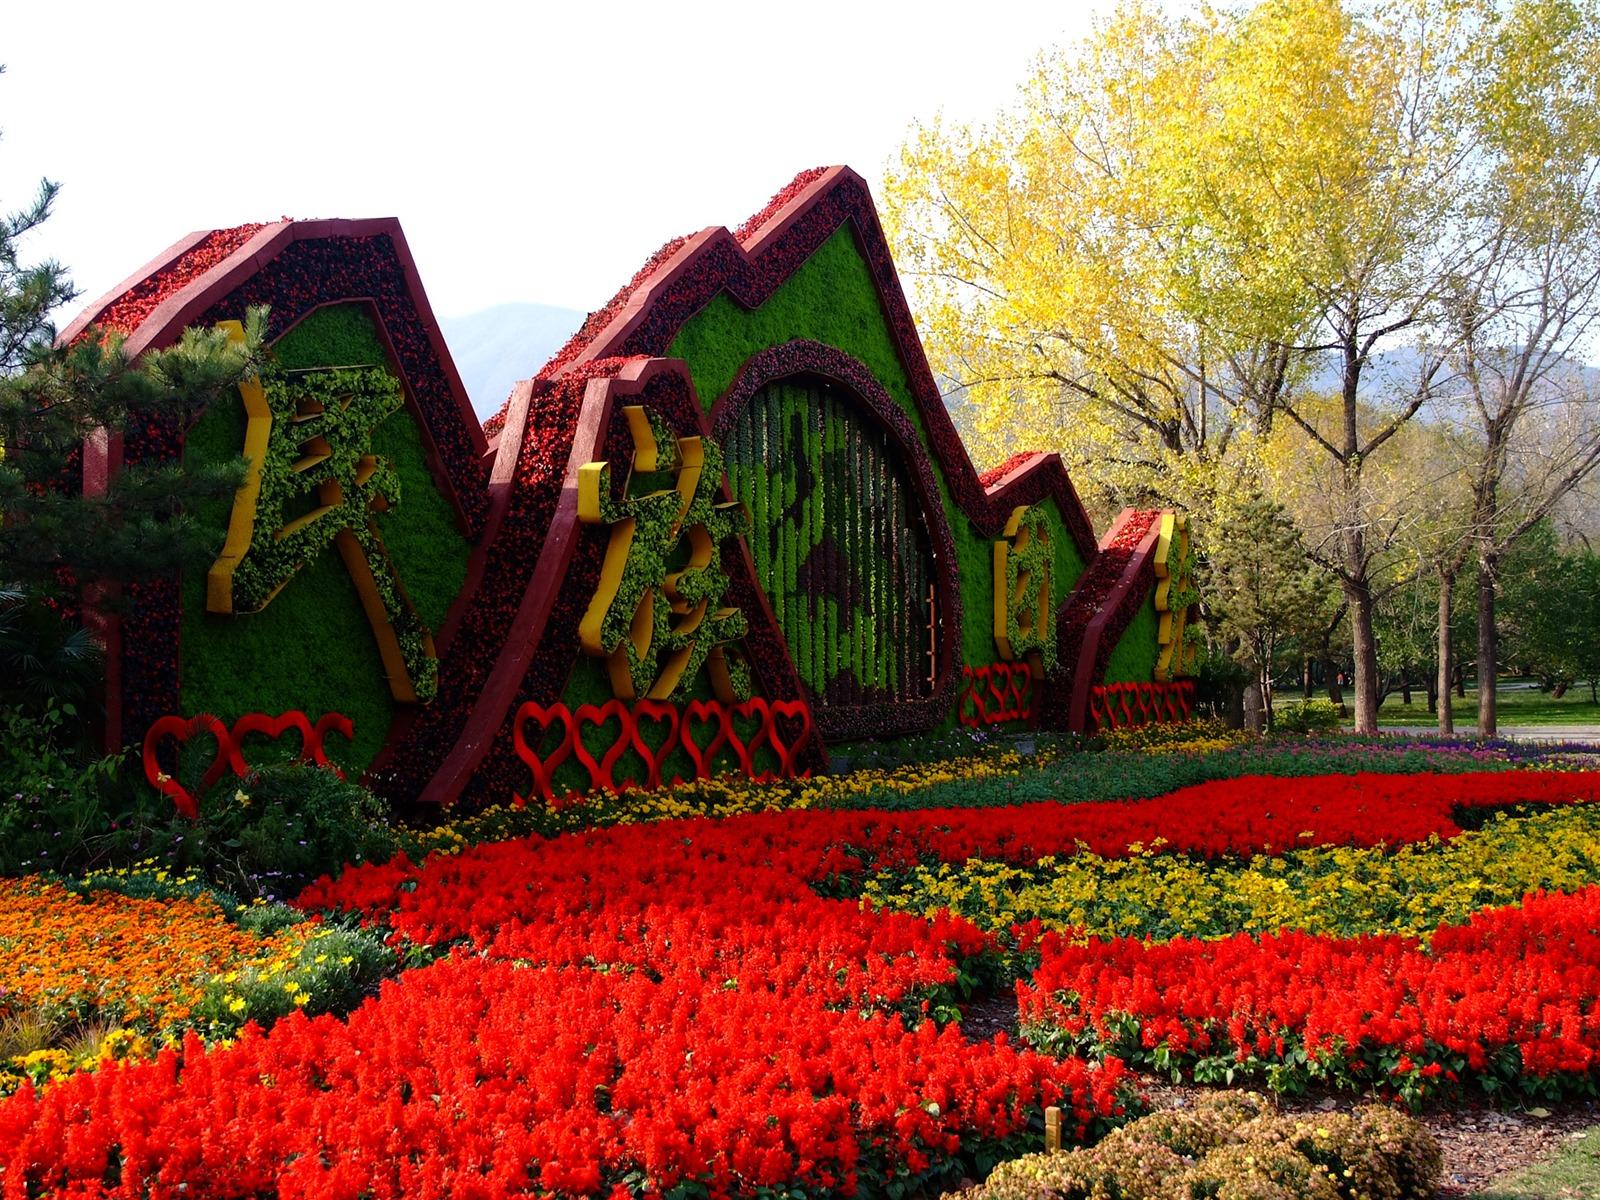 Xiangshan herbst garten bewehren 1 1600x1200 wallpaper herunterladen xiangshan herbst - Herbst garten ...